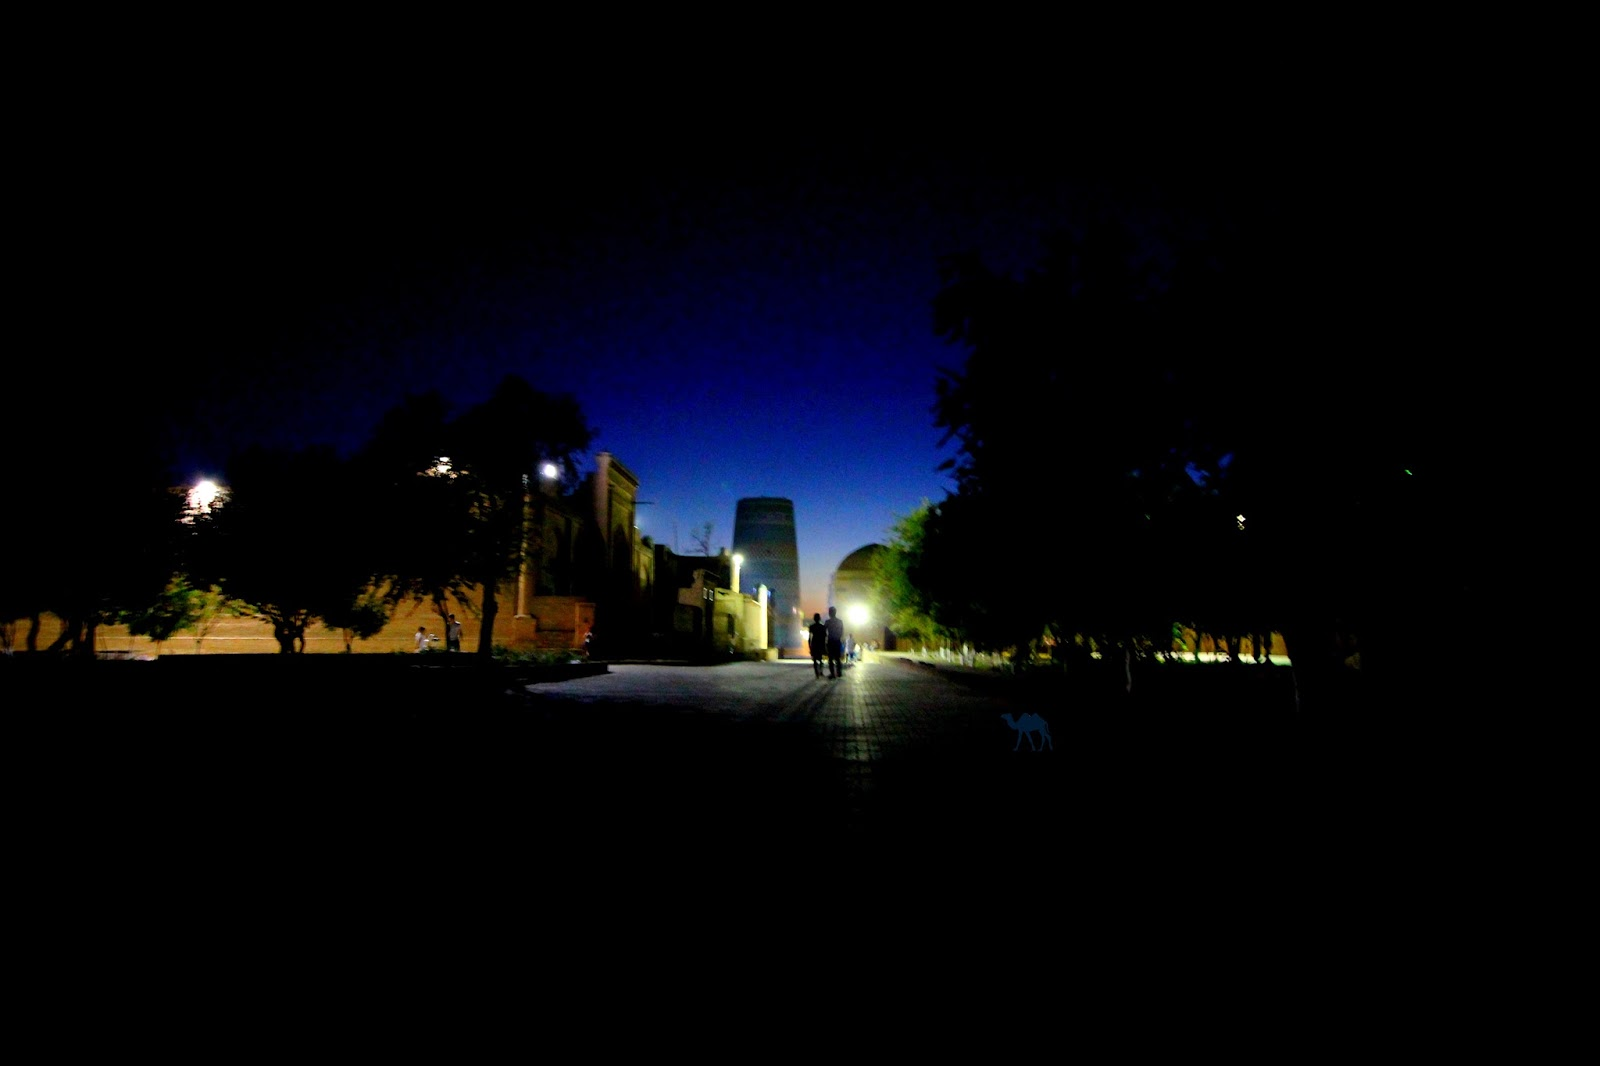 Le Chameau Bleu - Blog Voyage Ouzbékistan -  Itchan Kala de nuit - Séjour à Khiva OUzbékistan